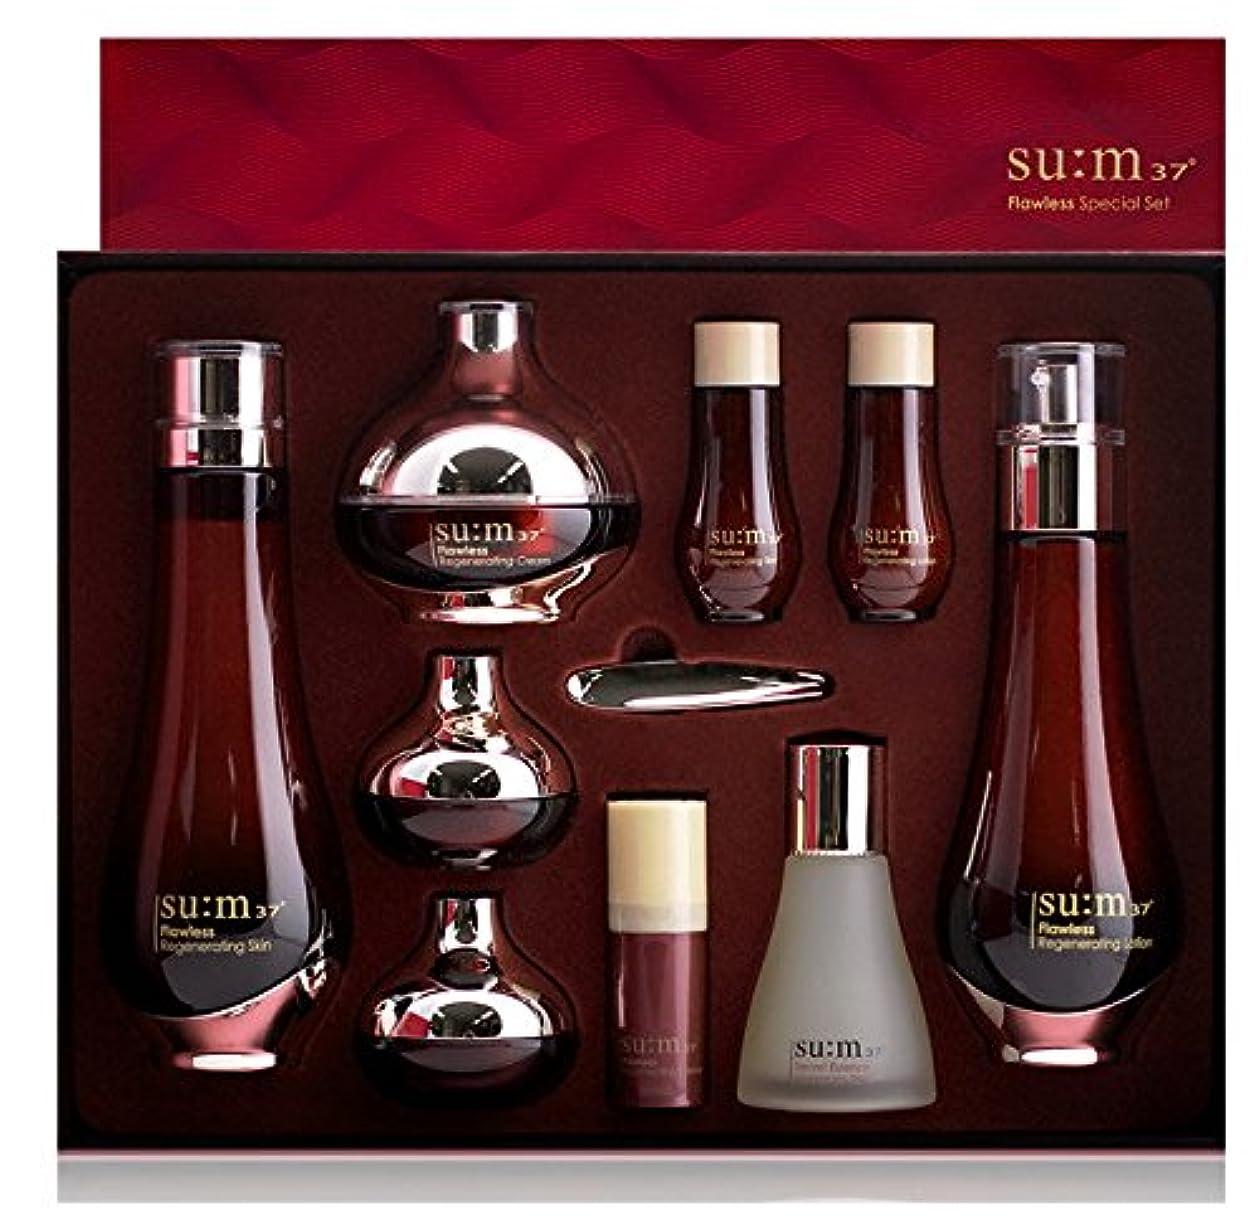 評価する気まぐれな風味[su:m37/スム37°]Flawless 3pcs Special Limited Skincare Set/フローレス3種のスキンケアセット + [Sample Gift](海外直送品)